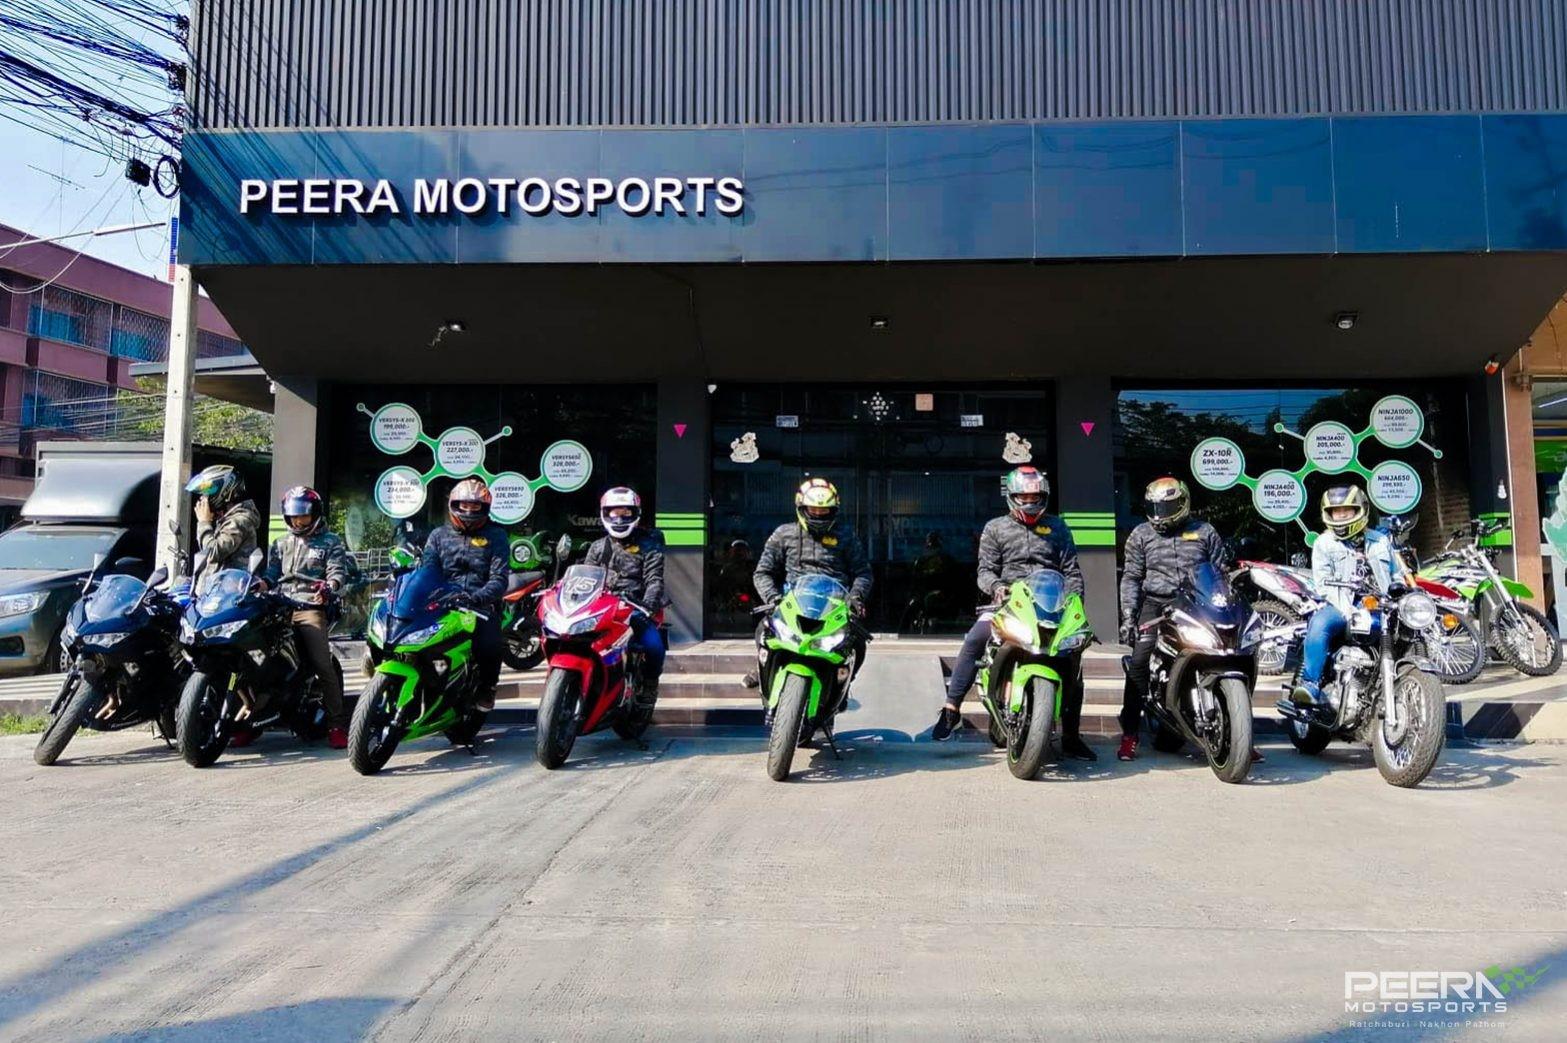 ซื้อรถจบคนไม่จบ ไปออกทริปกับ Peera Motosports กัน 1